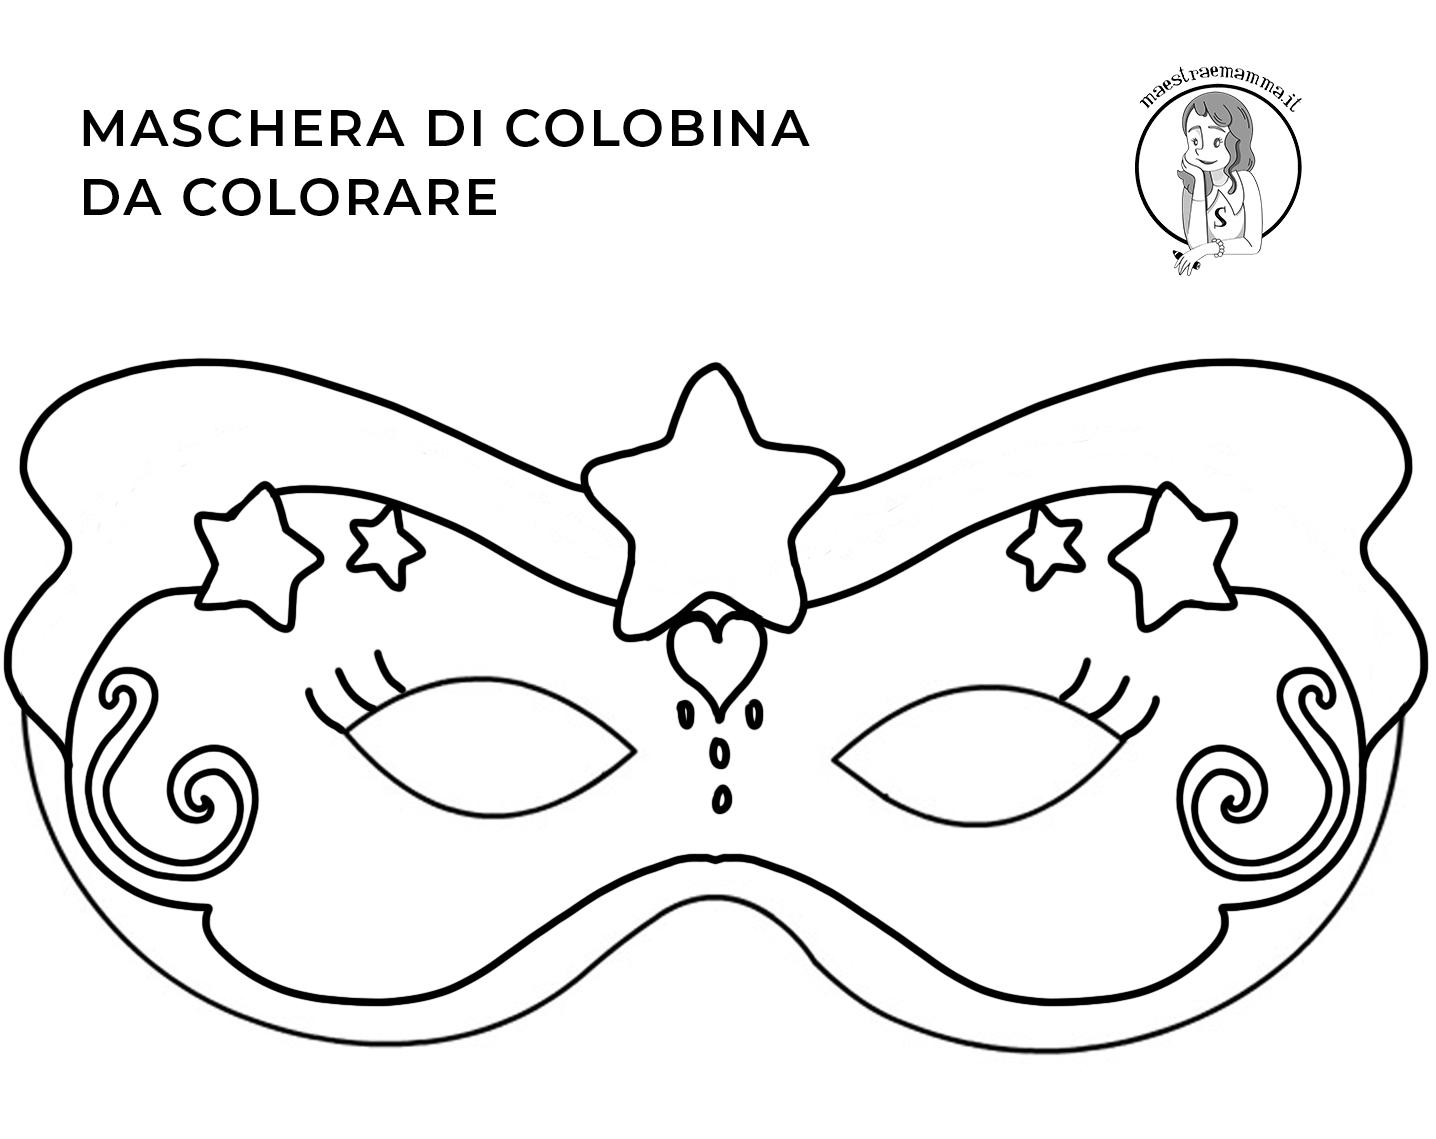 colombina-Maschere di Carnevale da colorare e ritagliare